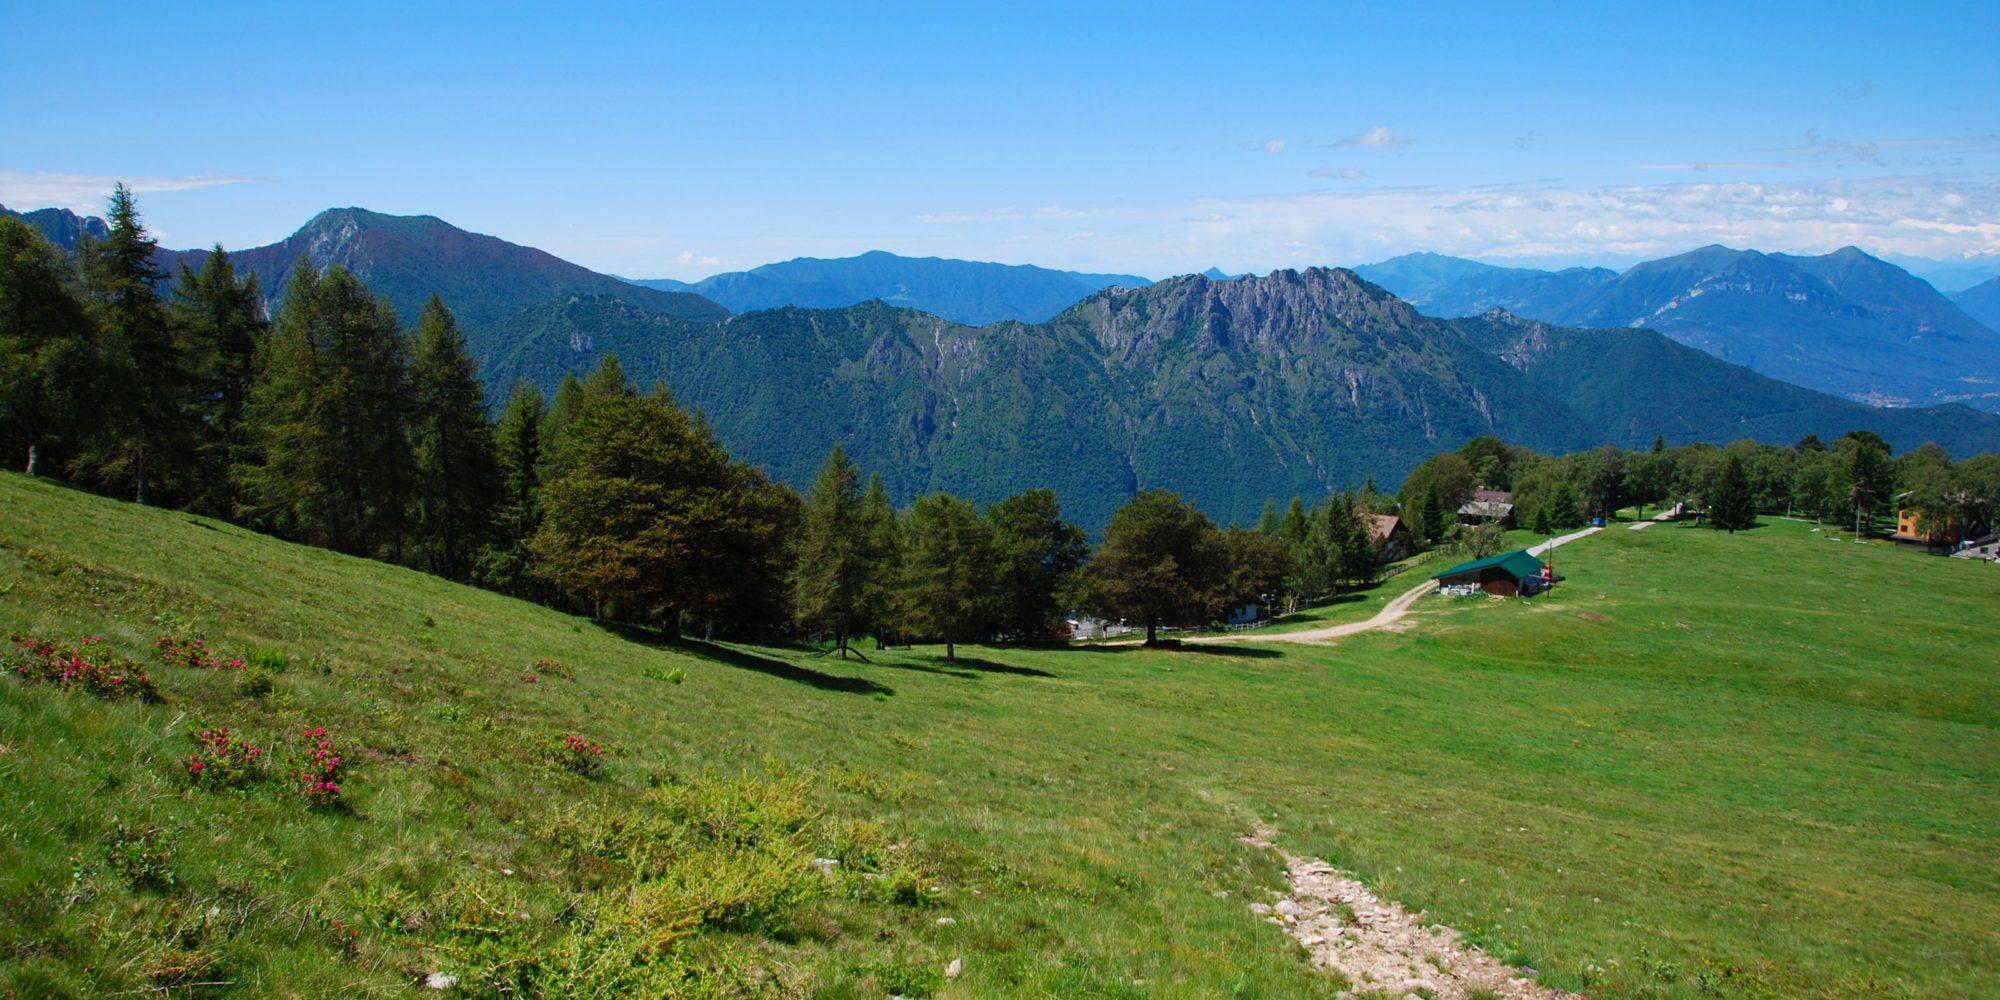 Sentieri per il trekking del Pian delle Betulle vicino al Lago di Como